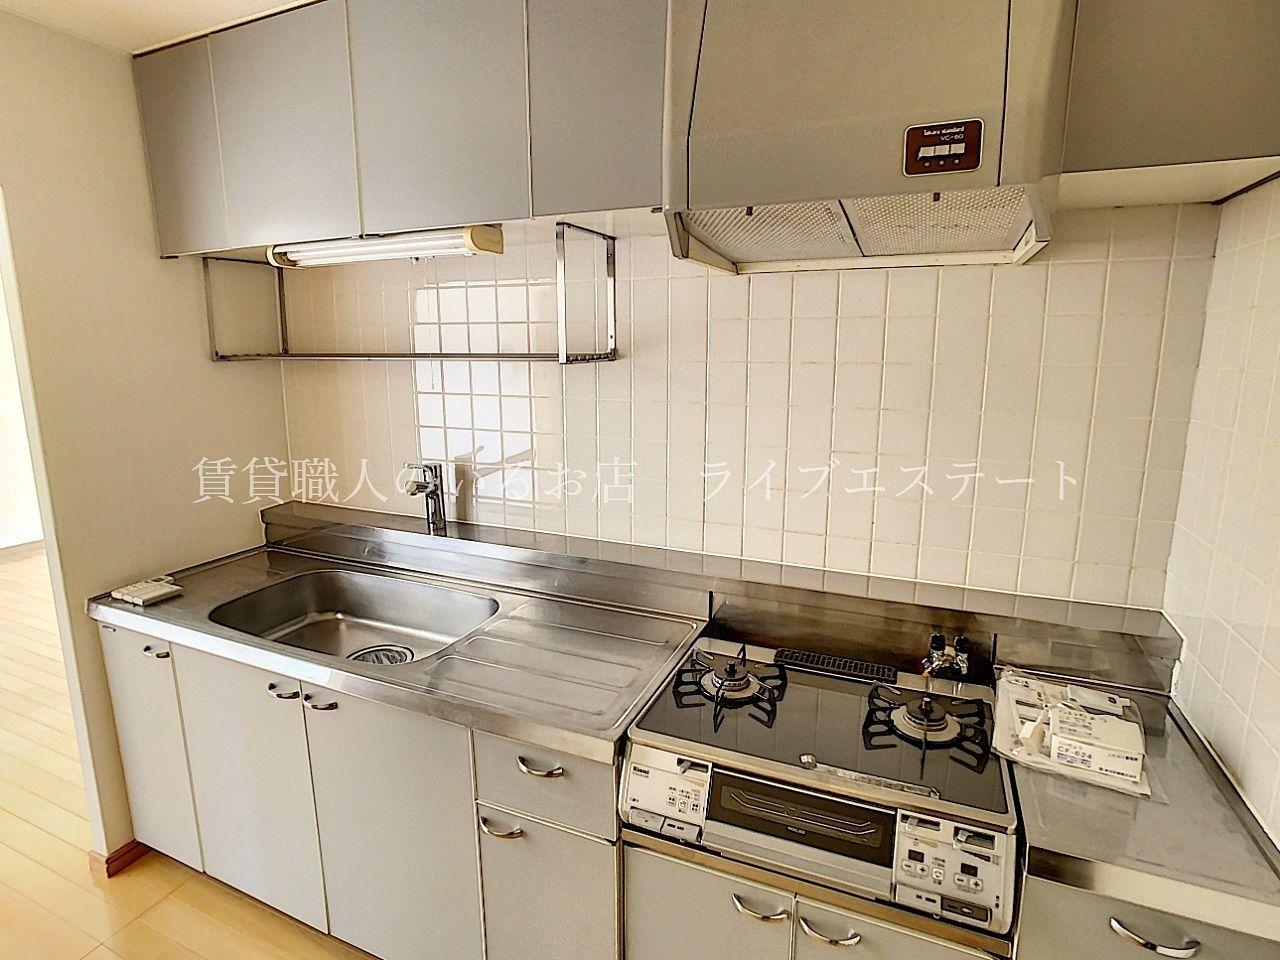 横幅が広くゆったりと使えるキッチン。収納もたっぷり